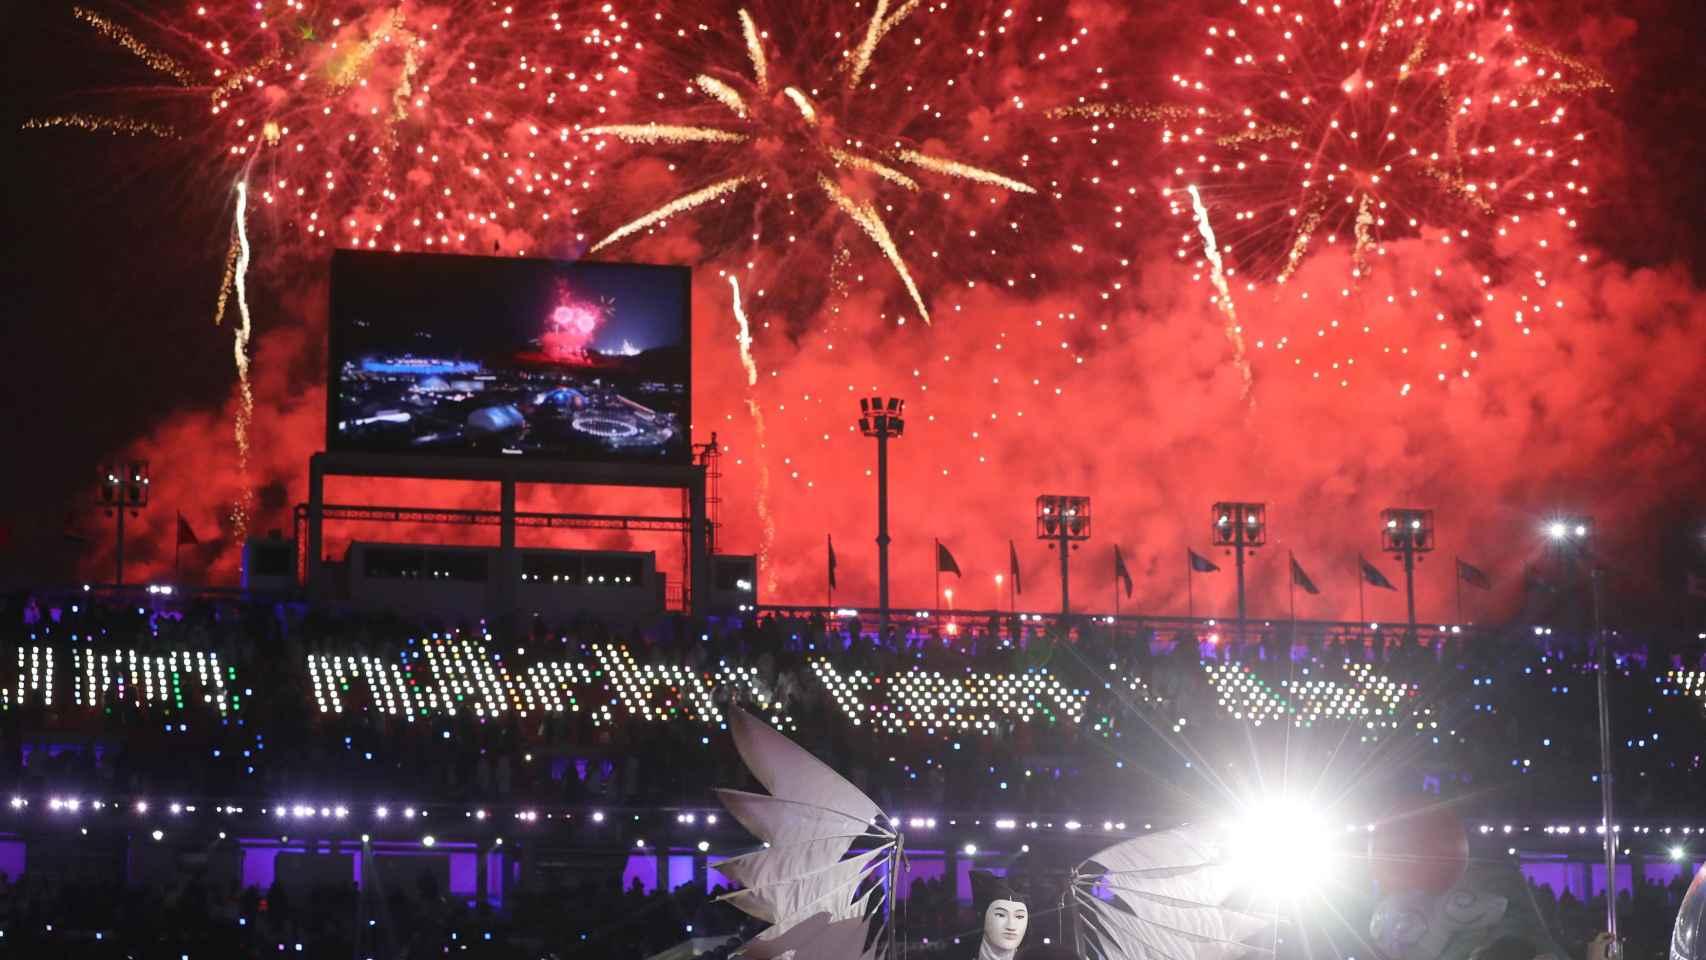 Así se cerraron los Juegos Olímpicos de invierno en Pyeongchang.